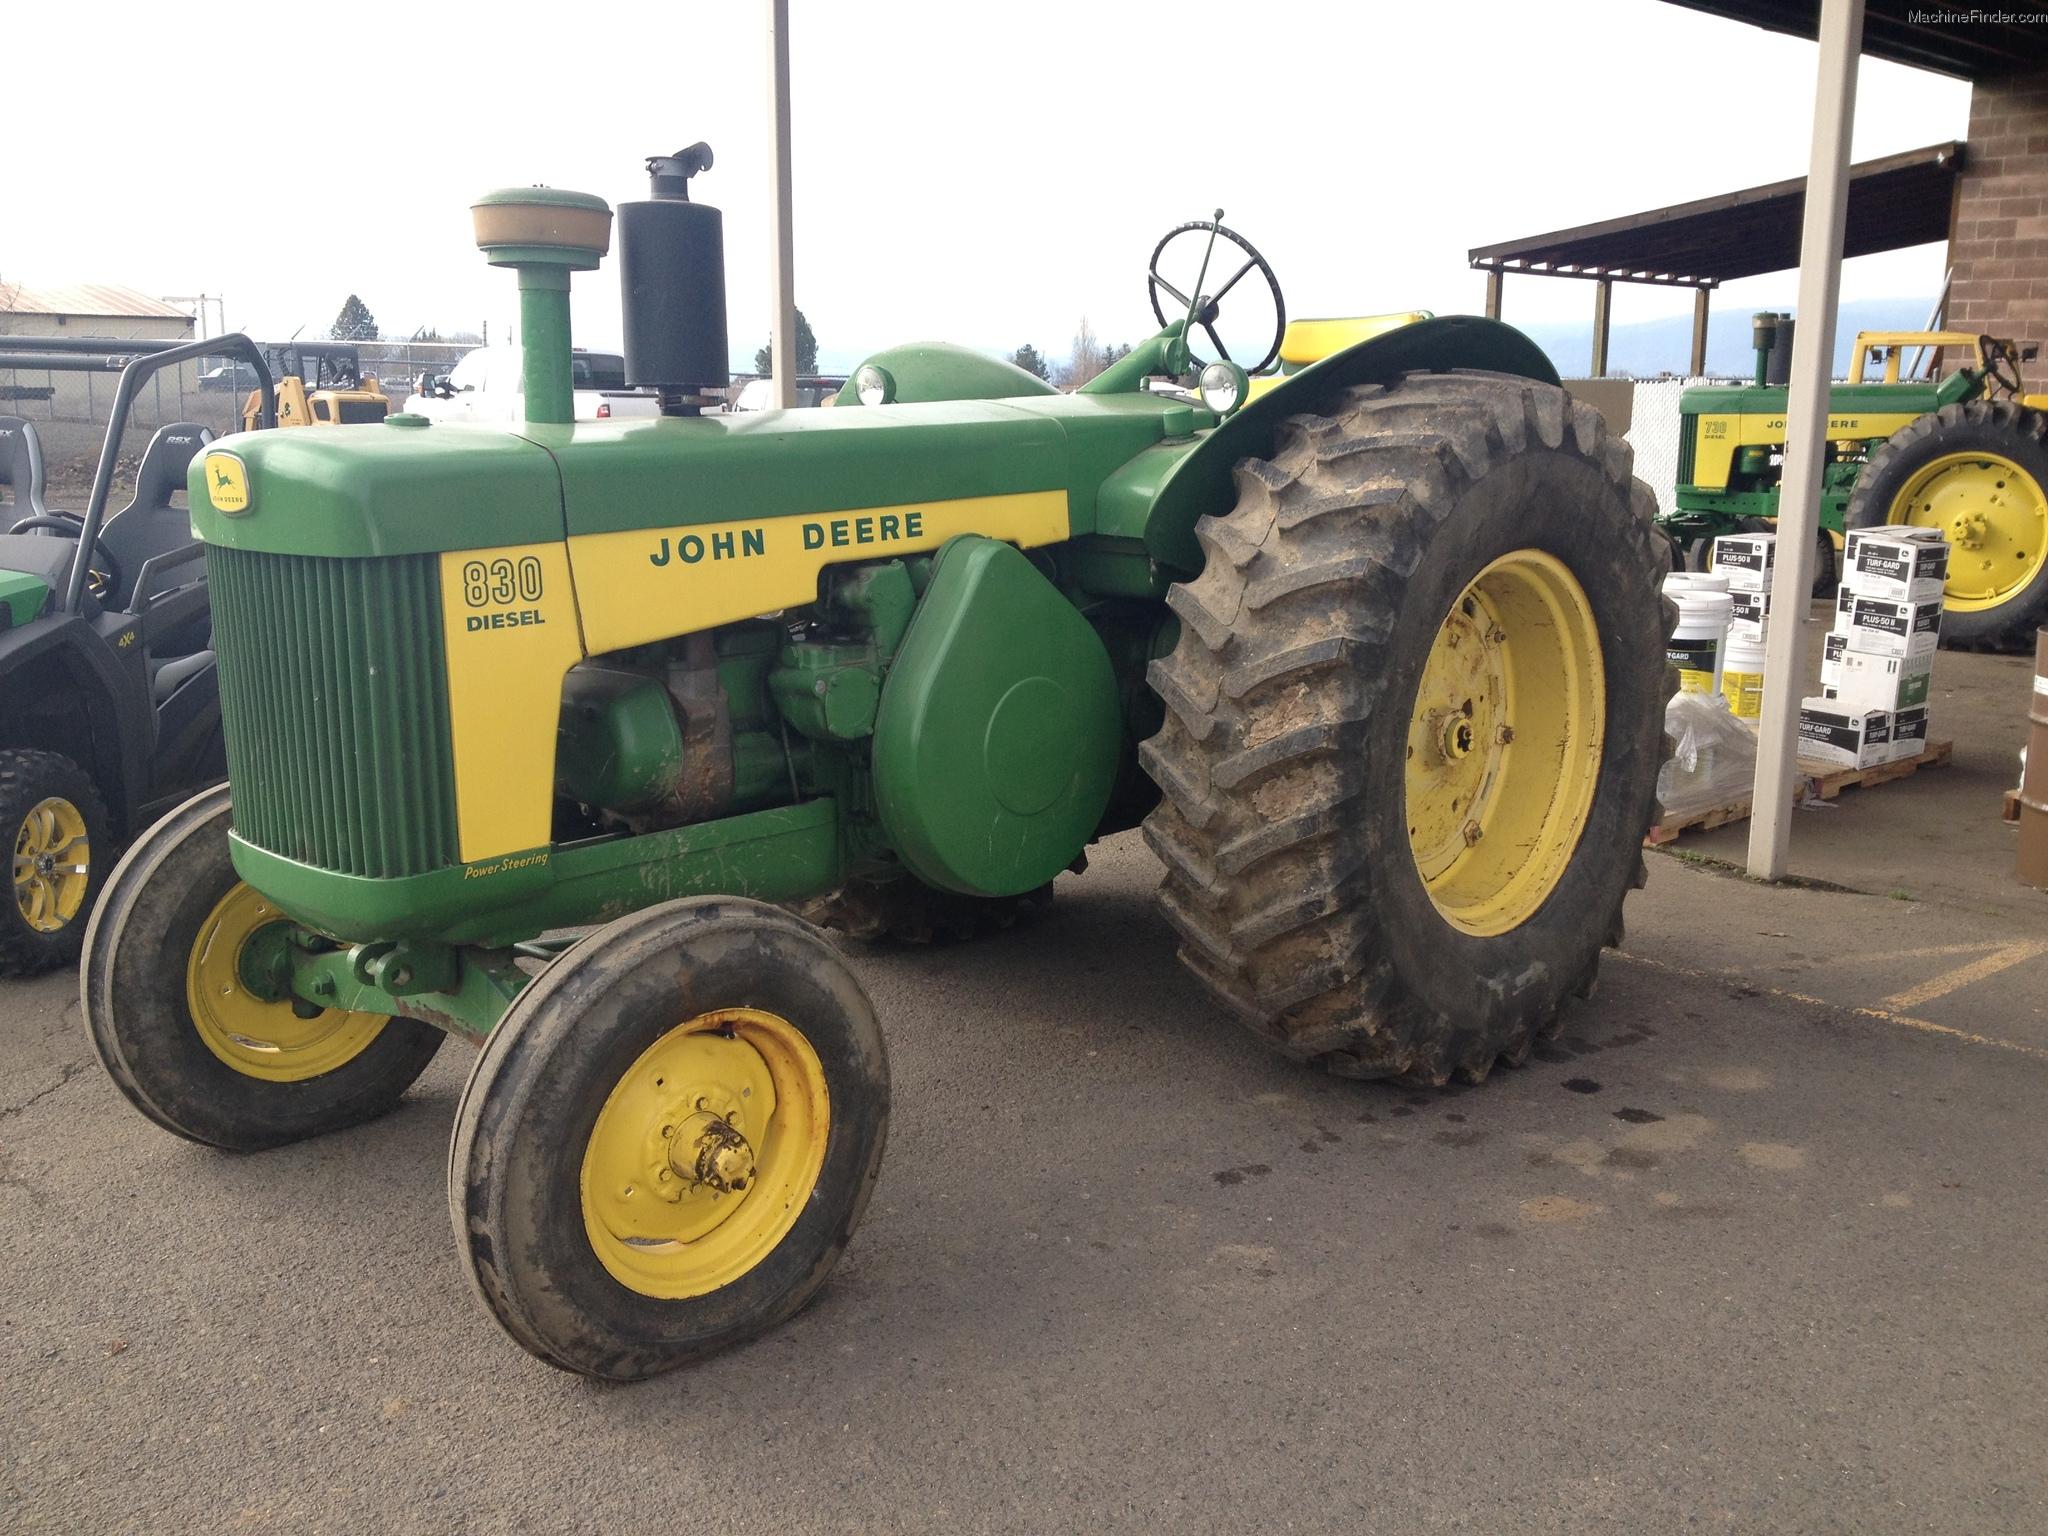 John Deere John Deere 830 Tractors - Utility (40-100hp ...